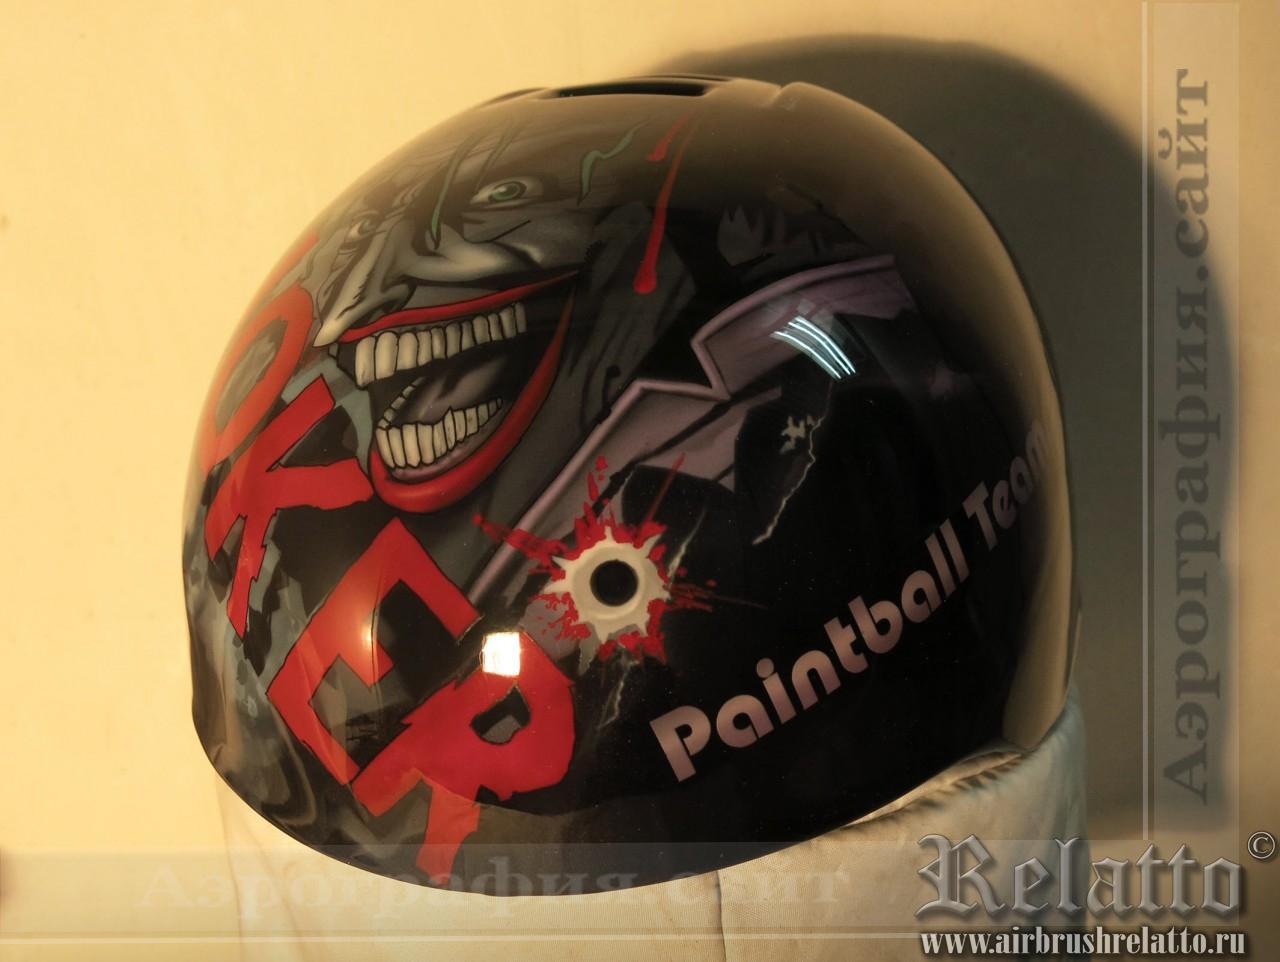 аэрография на шлеме для сноуборда